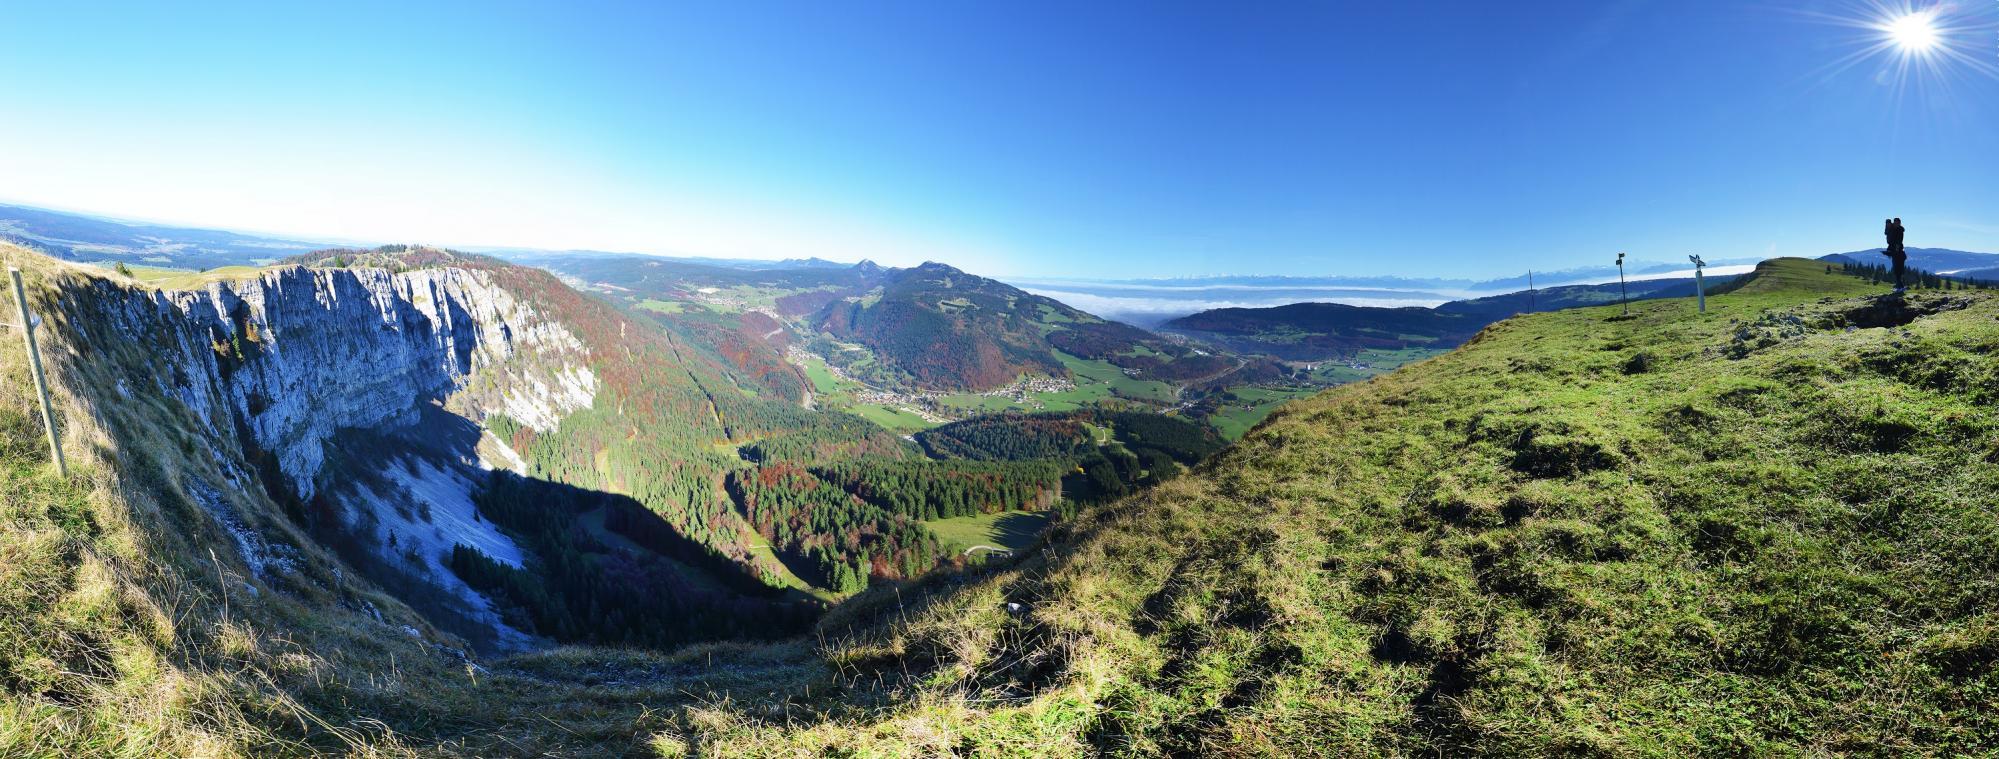 Les plus belles randonn es yverdon les bains region jura lac suisse - Mont d or preparation ...